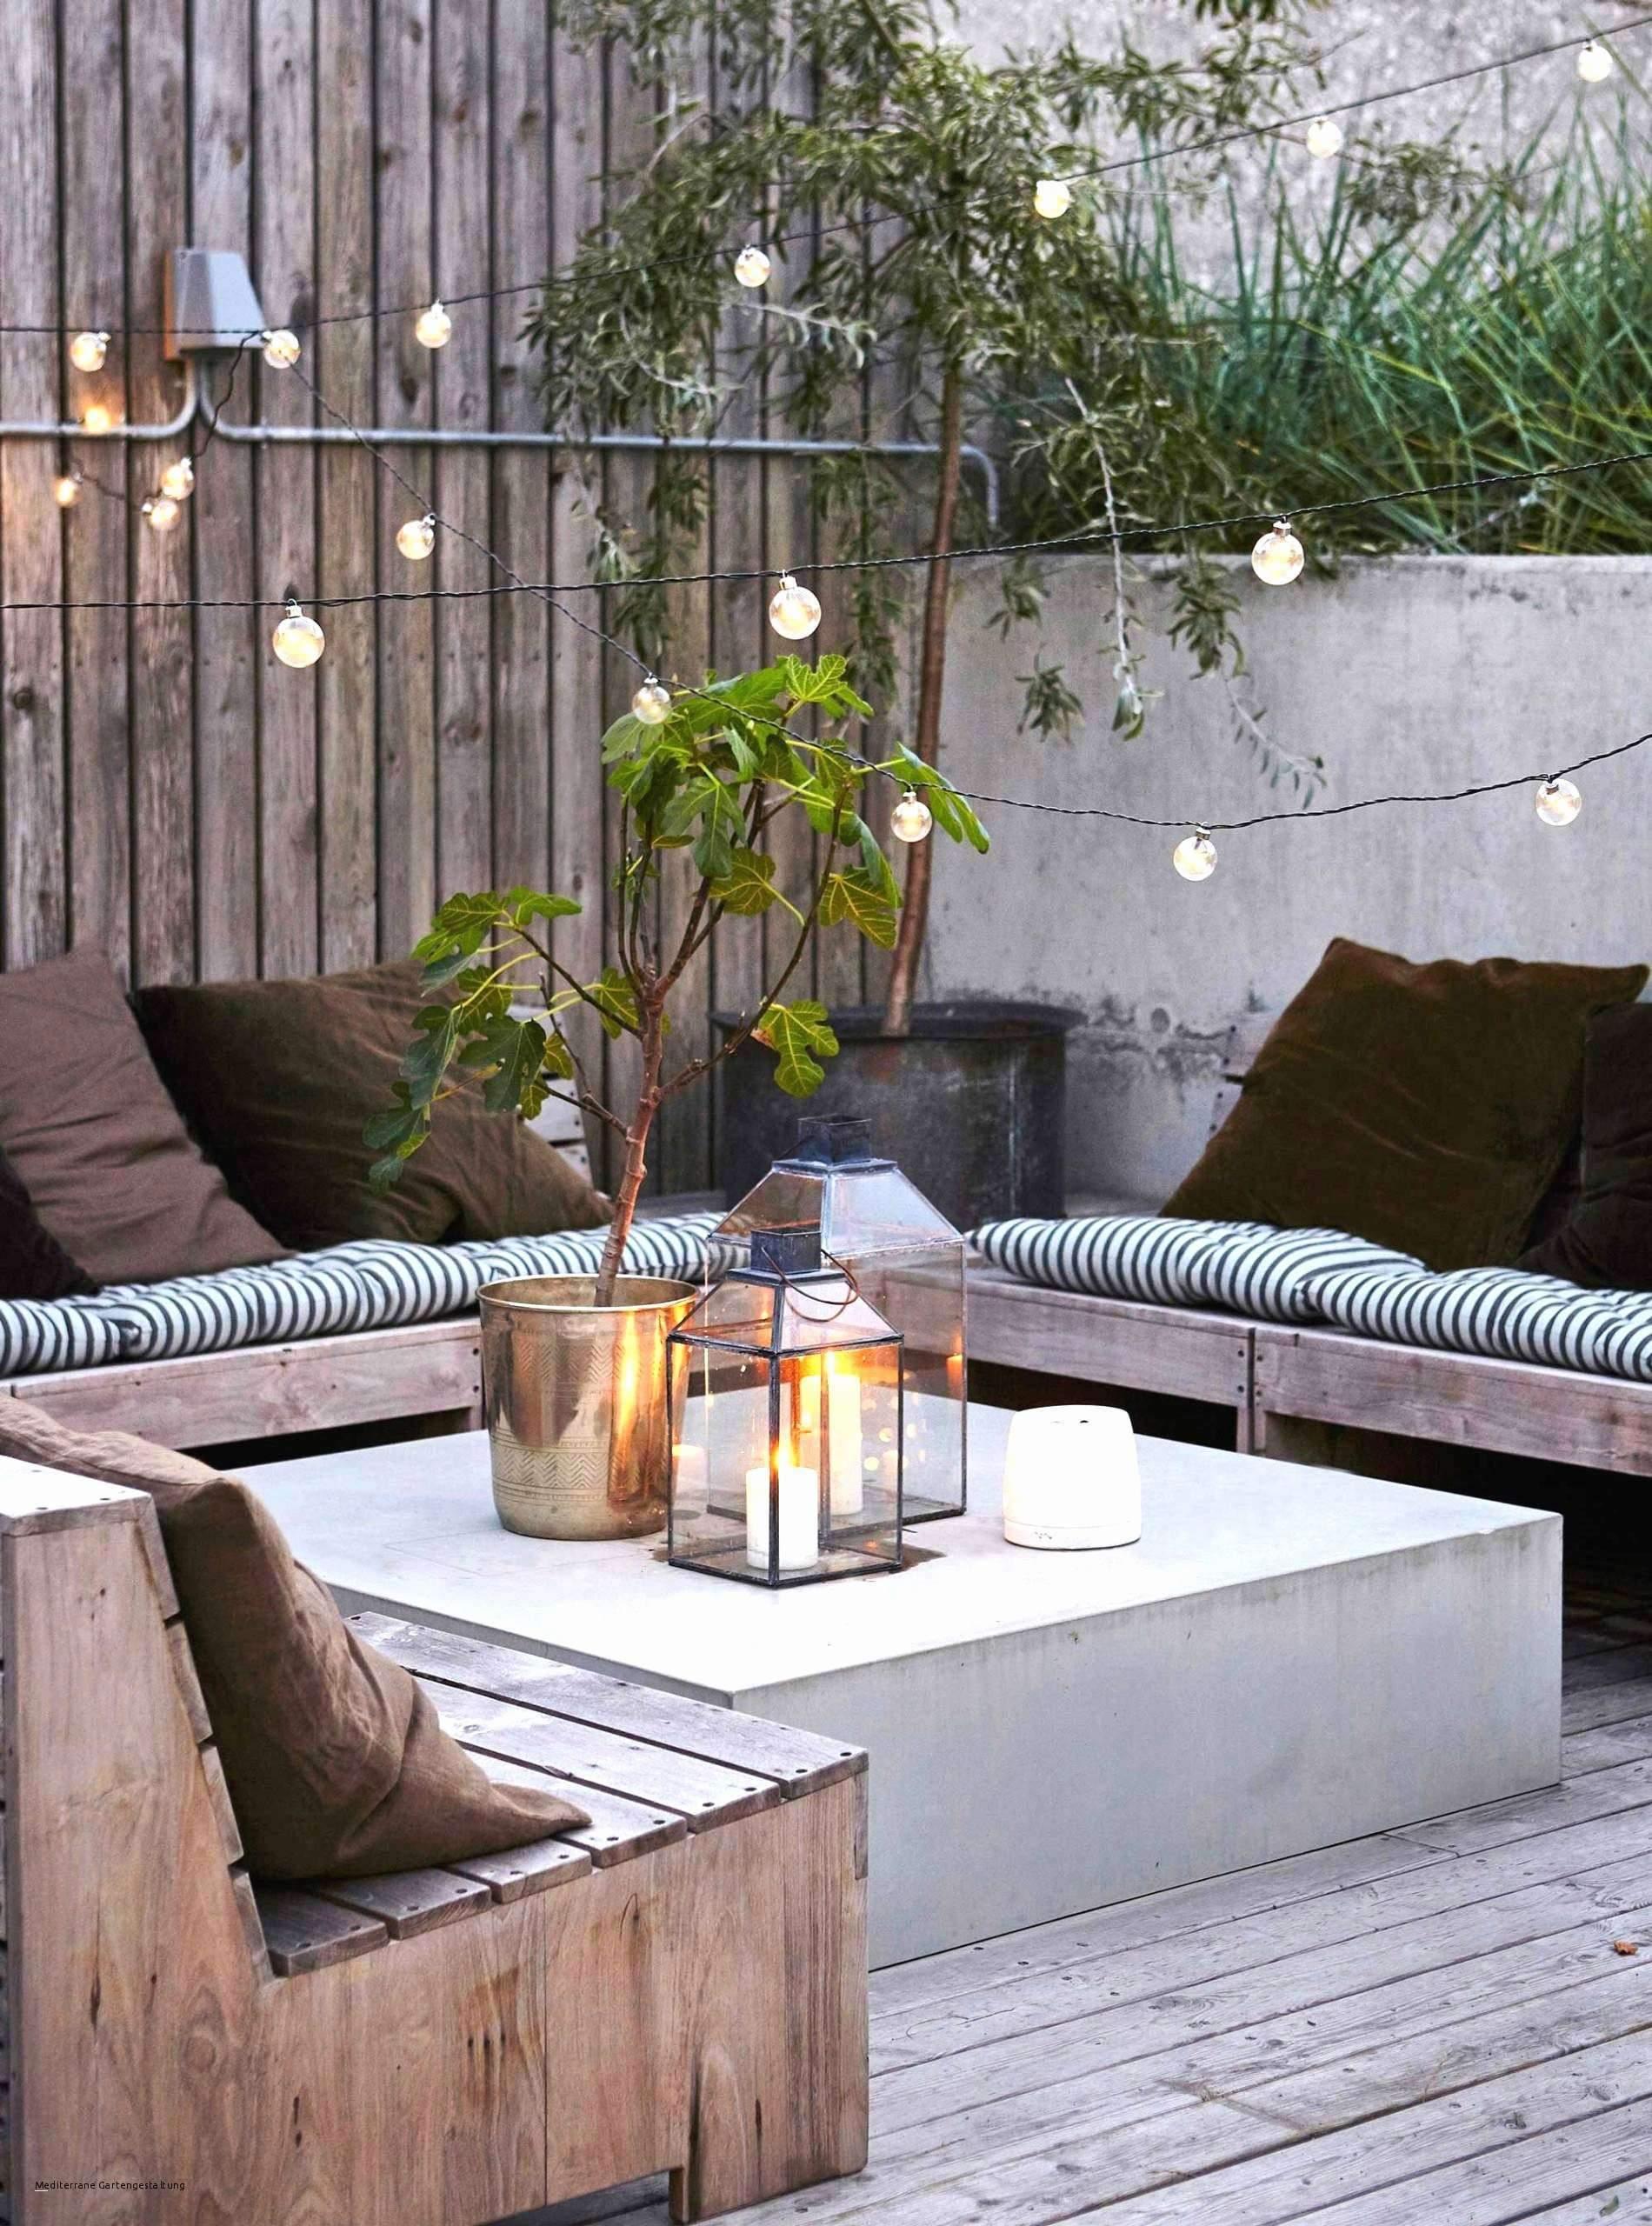 Teich Ideen Garten Luxus 31 Reizend Wohnzimmer Deko Selber Machen Genial